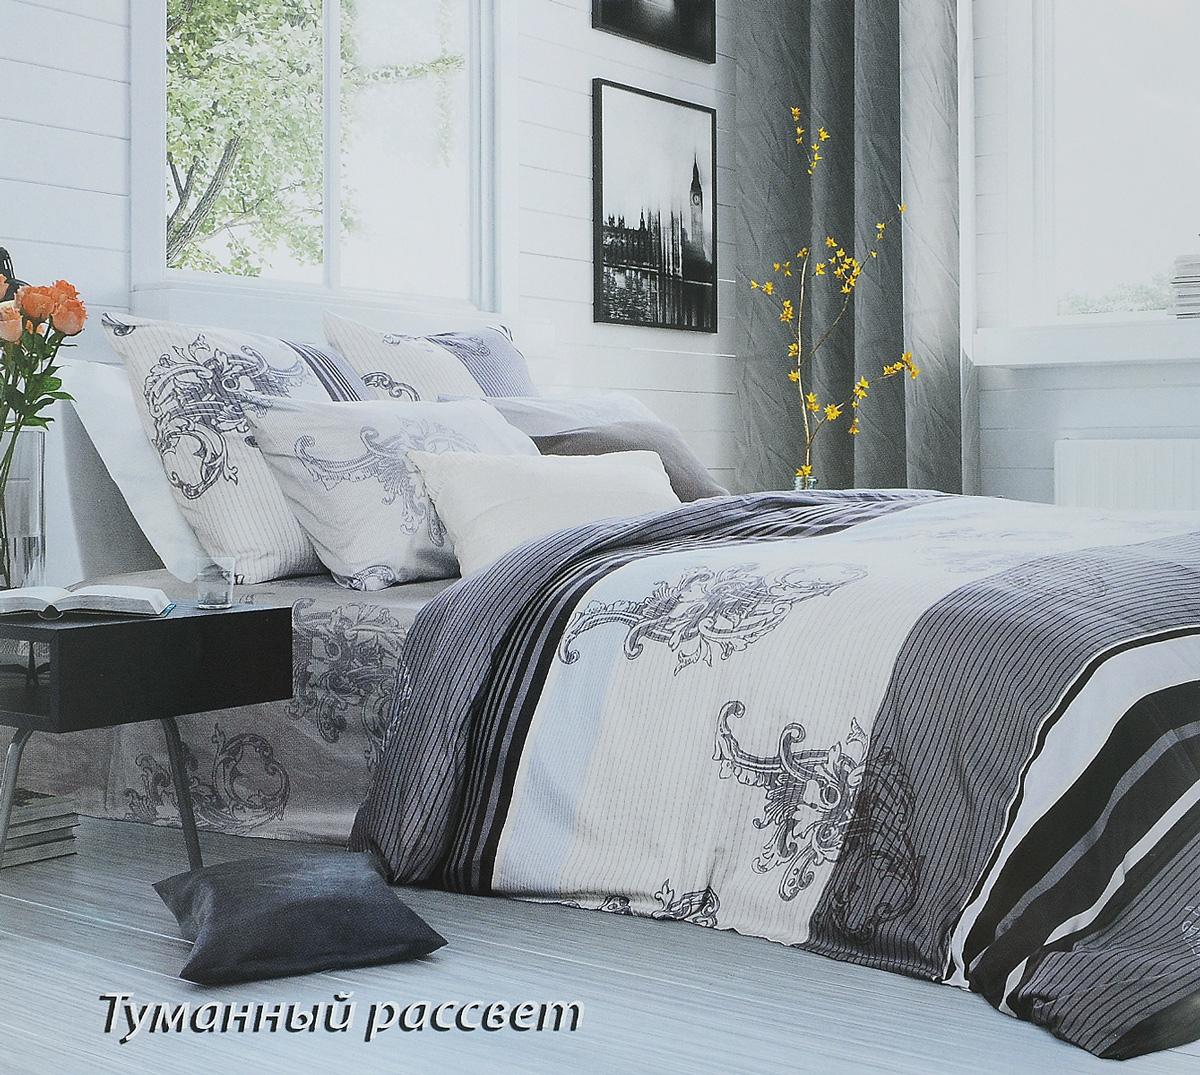 Комплект белья Tiffanys Secret Туманный рассвет, 1,5-спальный, наволочки 70х70, цвет: серый, белый2040115962Комплект постельного белья Tiffanys Secret Туманный рассвет является экологически безопасным для всей семьи, так как выполнен из сатина (100% хлопок). Комплект состоит из пододеяльника, простыни и двух наволочек. Предметы комплекта оформлены оригинальным рисунком.Благодаря такому комплекту постельного белья вы сможете создать атмосферу уюта и комфорта в вашей спальне.Сатин - это ткань, навсегда покорившая сердца человечества. Ценившие роскошь персы называли ее атлас, а искушенные в прекрасном французы - сатин. Секрет высококачественного сатина в безупречности всего технологического процесса. Эту благородную ткань делают только из отборной натуральной пряжи, которую получают из самого лучшего тонковолокнистого хлопка. Благодаря использованию самой тонкой хлопковой нити получается необычайно мягкое и нежное полотно. Сатиновое постельное белье превращает жаркие летние ночи в прохладные и освежающие, а холодные зимние - в теплые и согревающие. Сатин очень приятен на ощупь, постельное белье из него долговечно, выдерживает более 300 стирок, и лишь спустя долгое время материал начинает немного тускнеть. Оцените все достоинства постельного белья из сатина, выбирая самое лучшее для себя!